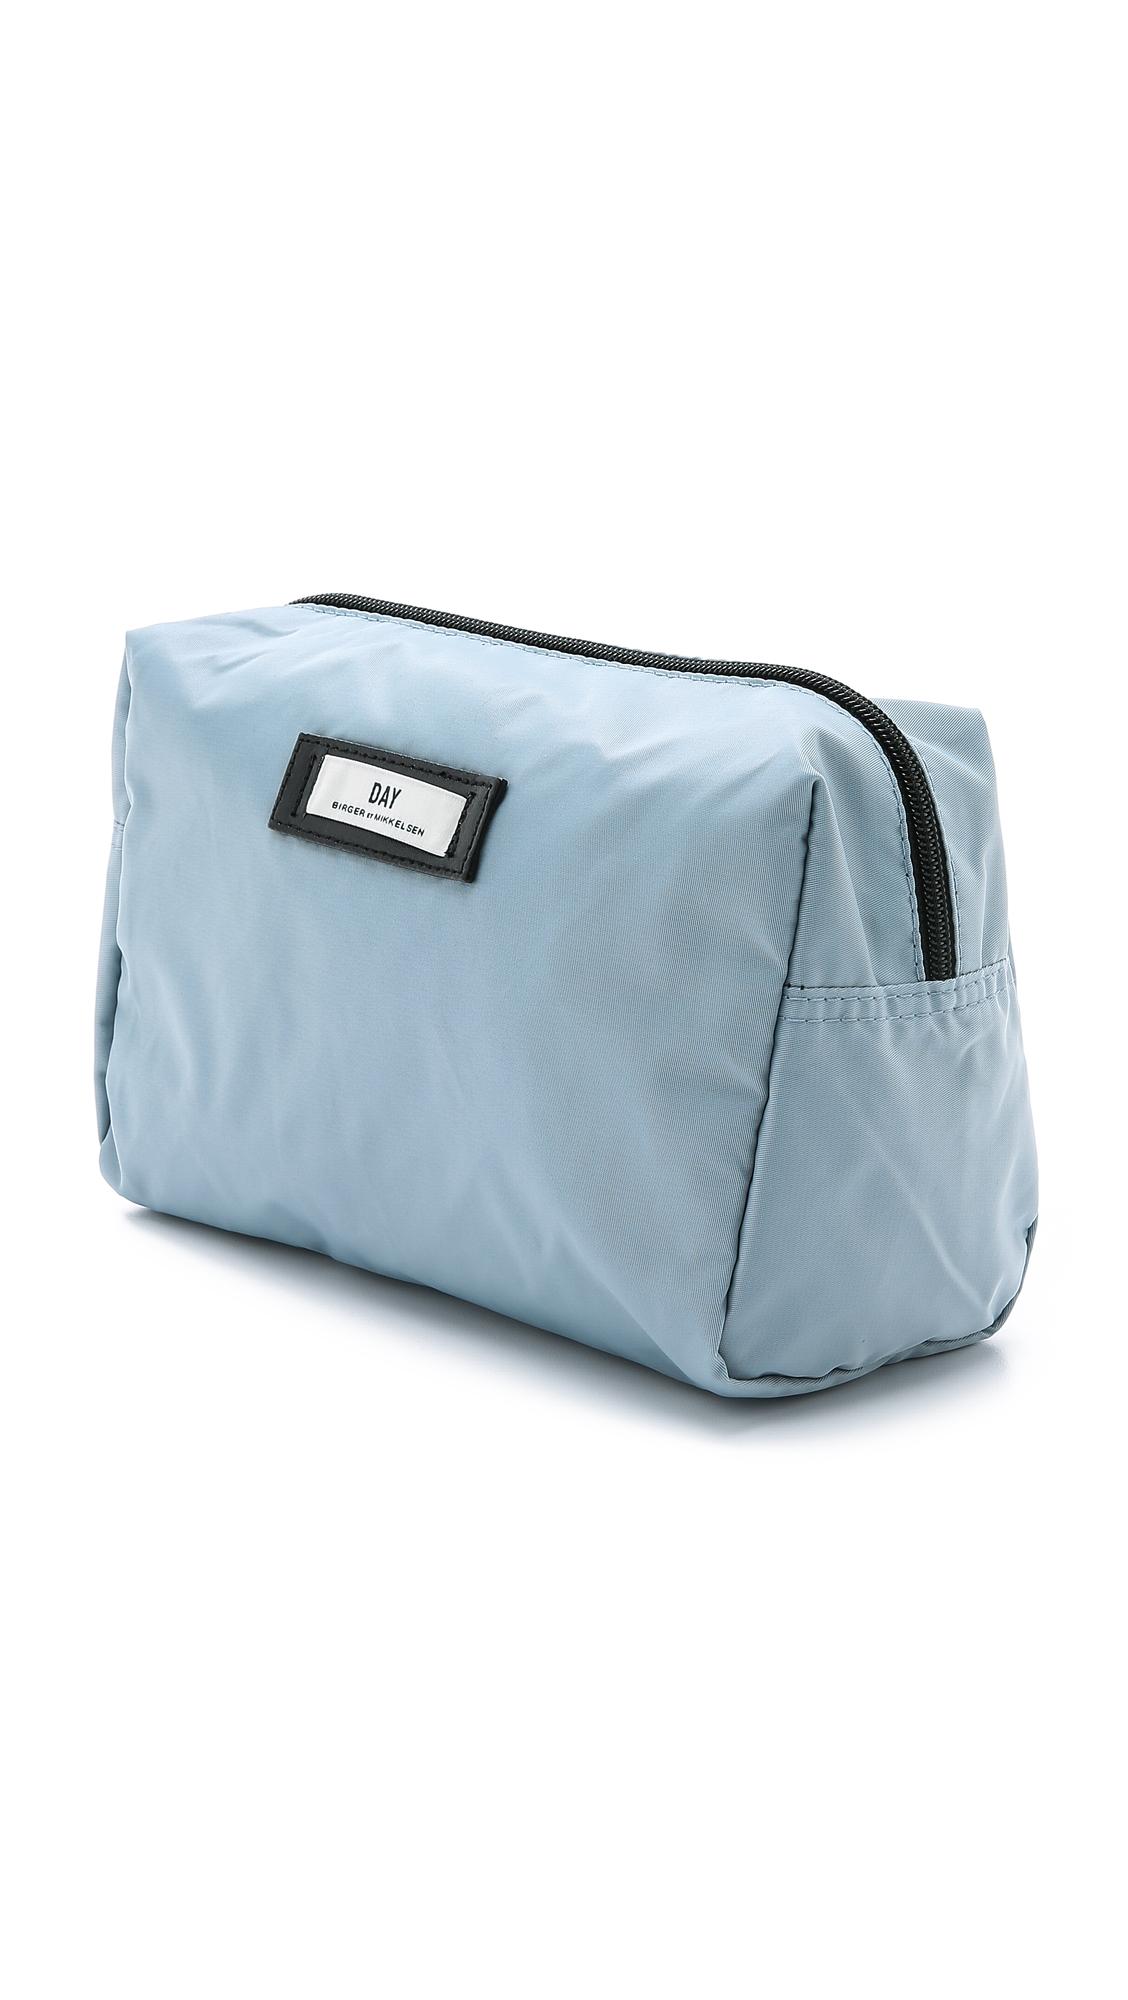 651571ef DAY BIRGER ET MIKKELSEN Day Gweneth Cosmetic Bag   SHOPBOP